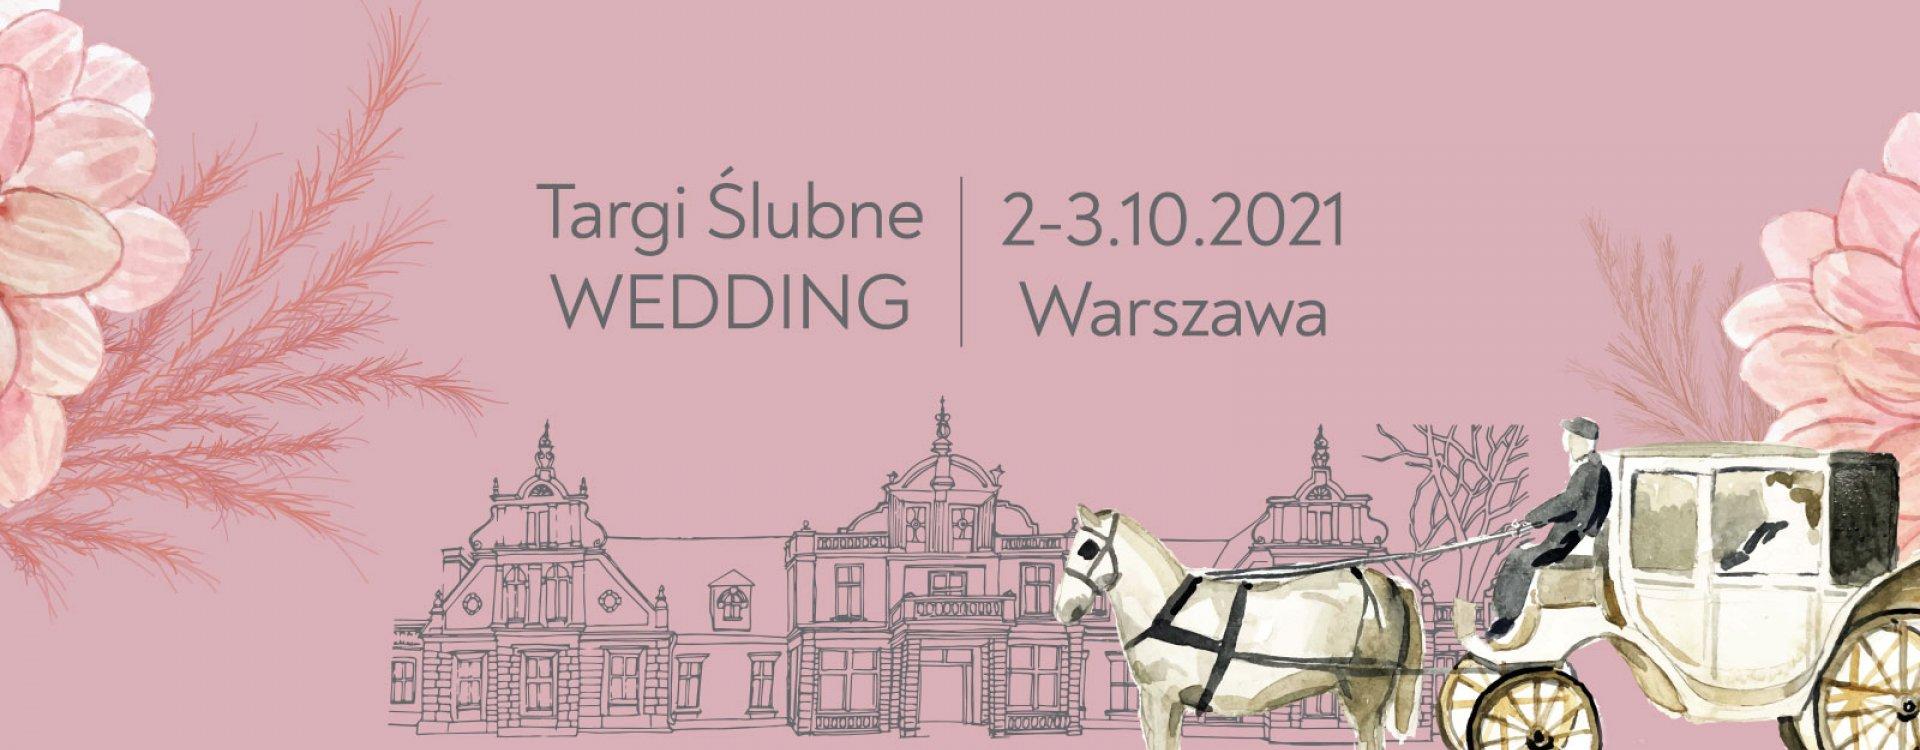 Targi Ślubne WEDDING Warszawa